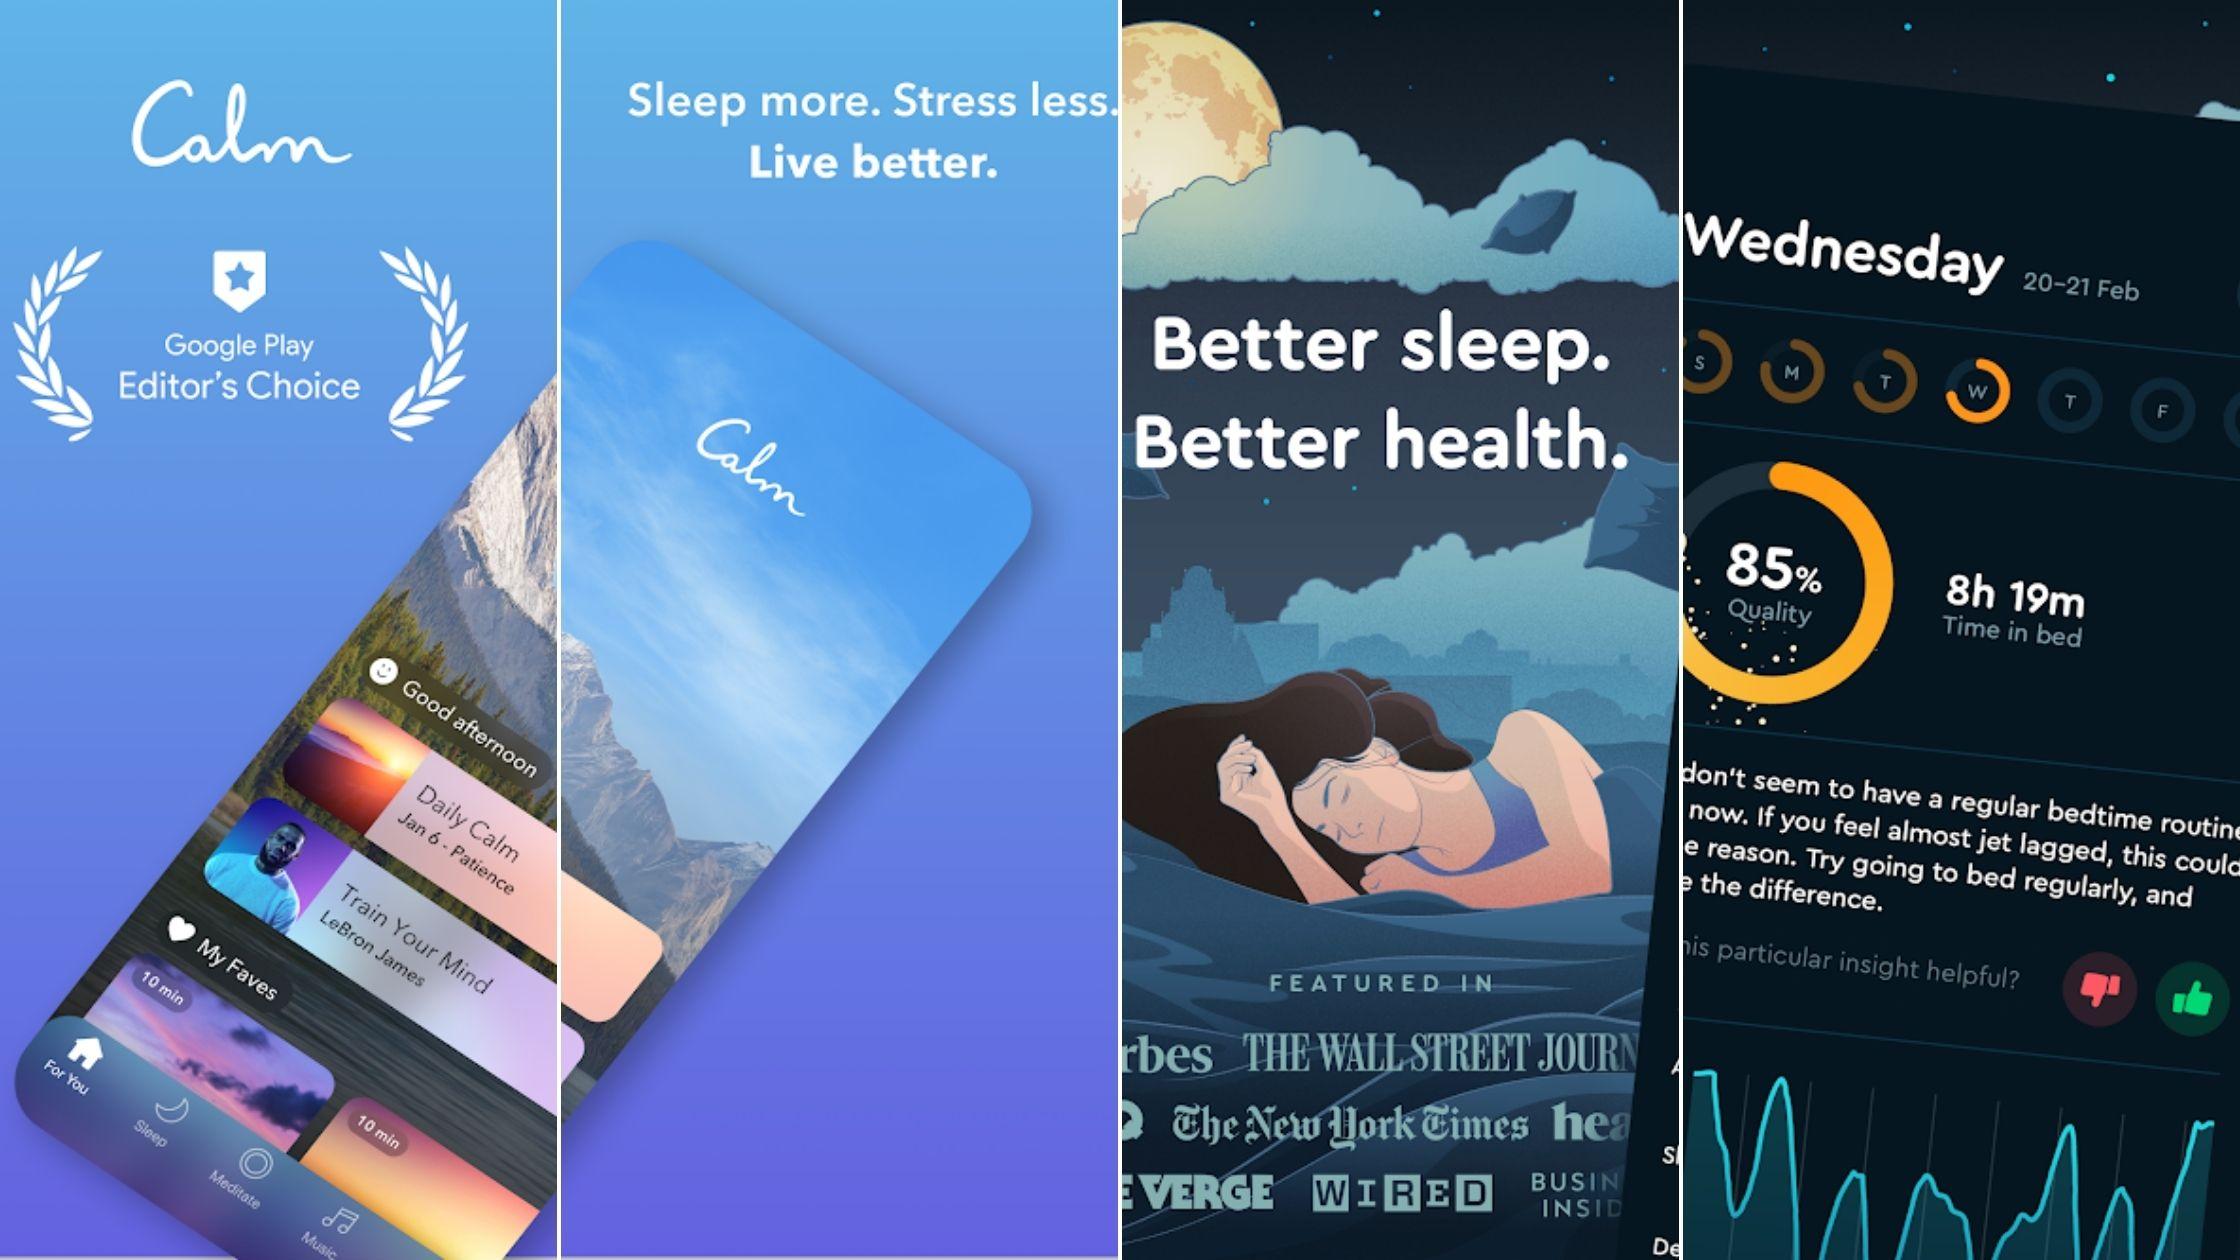 12 best sleep app 2021 – How to sleep